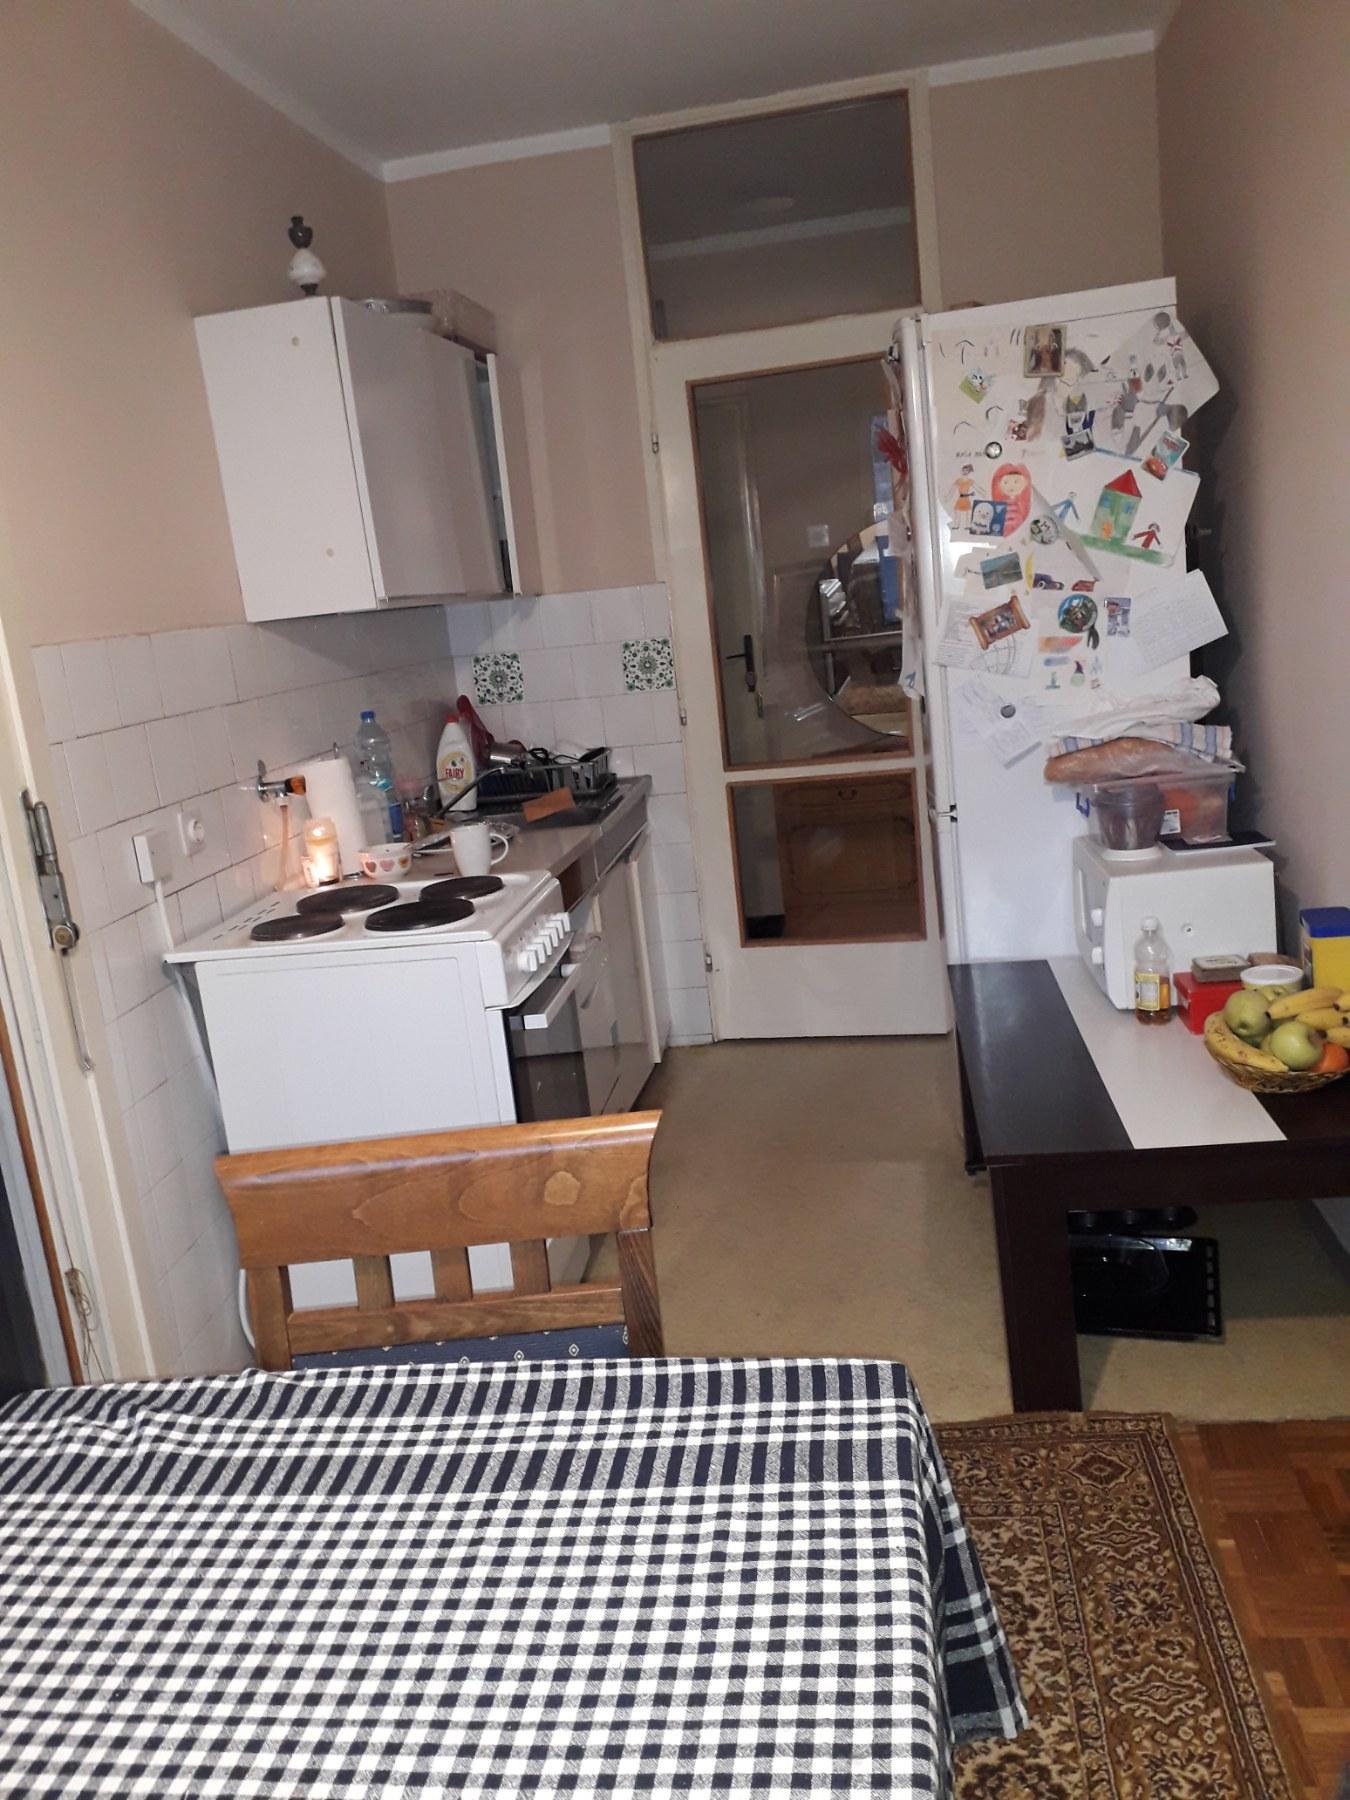 Prodajem dvosoban stan u 62 bloku isto no orijentisan 6 sprat